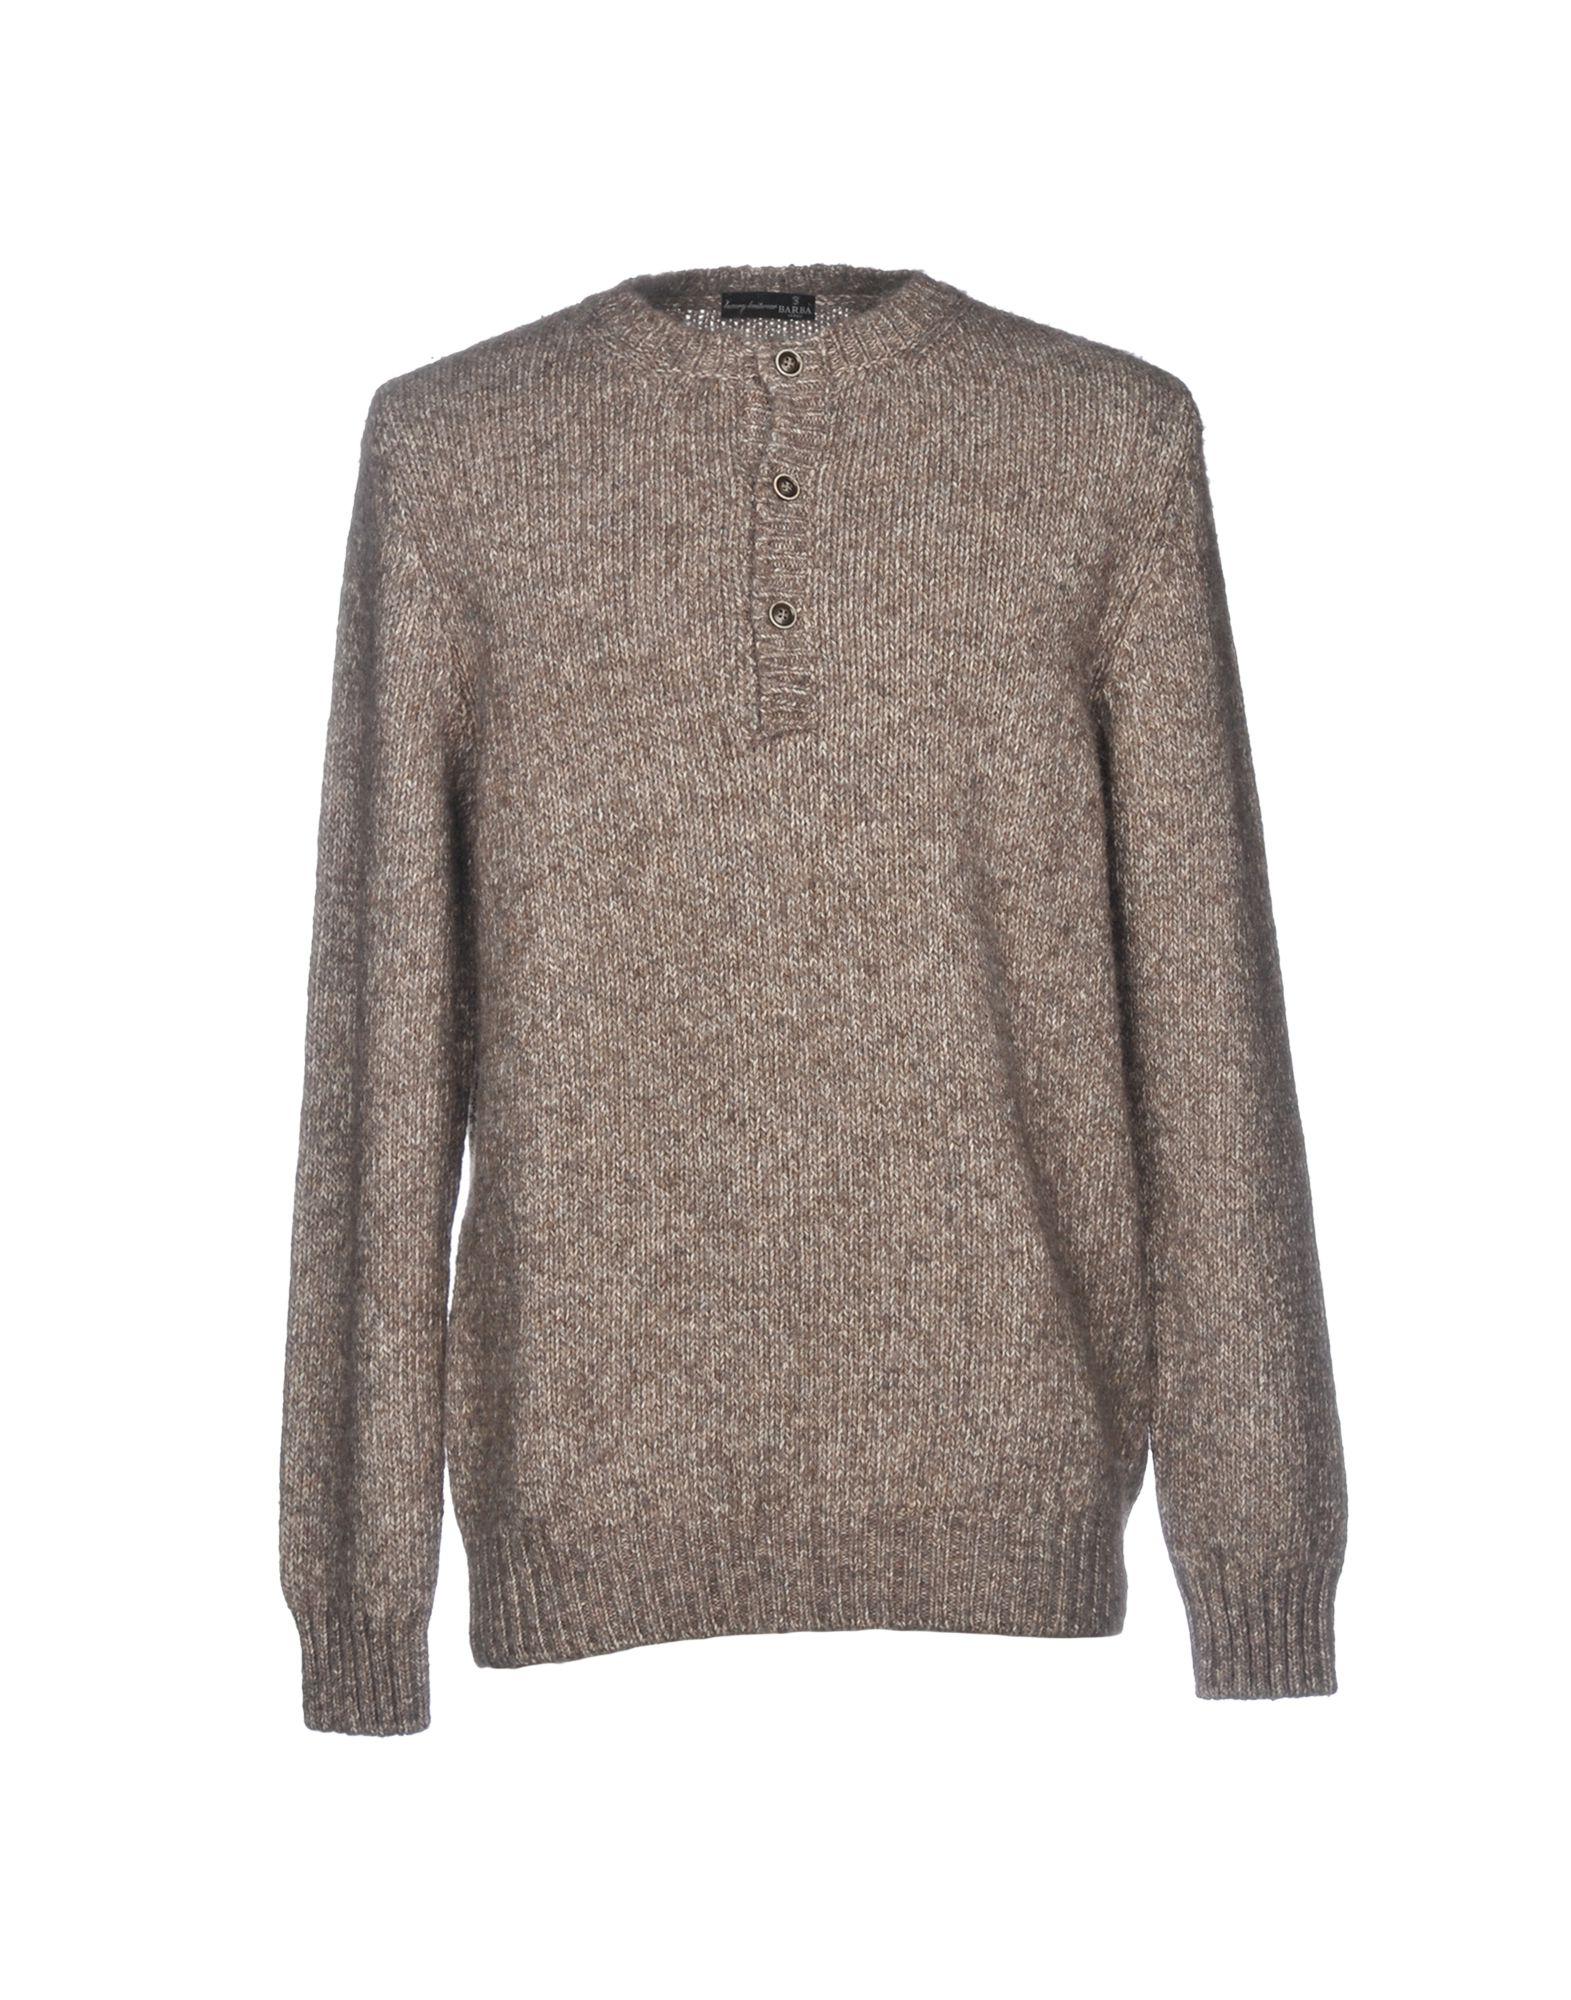 BARBA NAPOLI Sweater in Grey